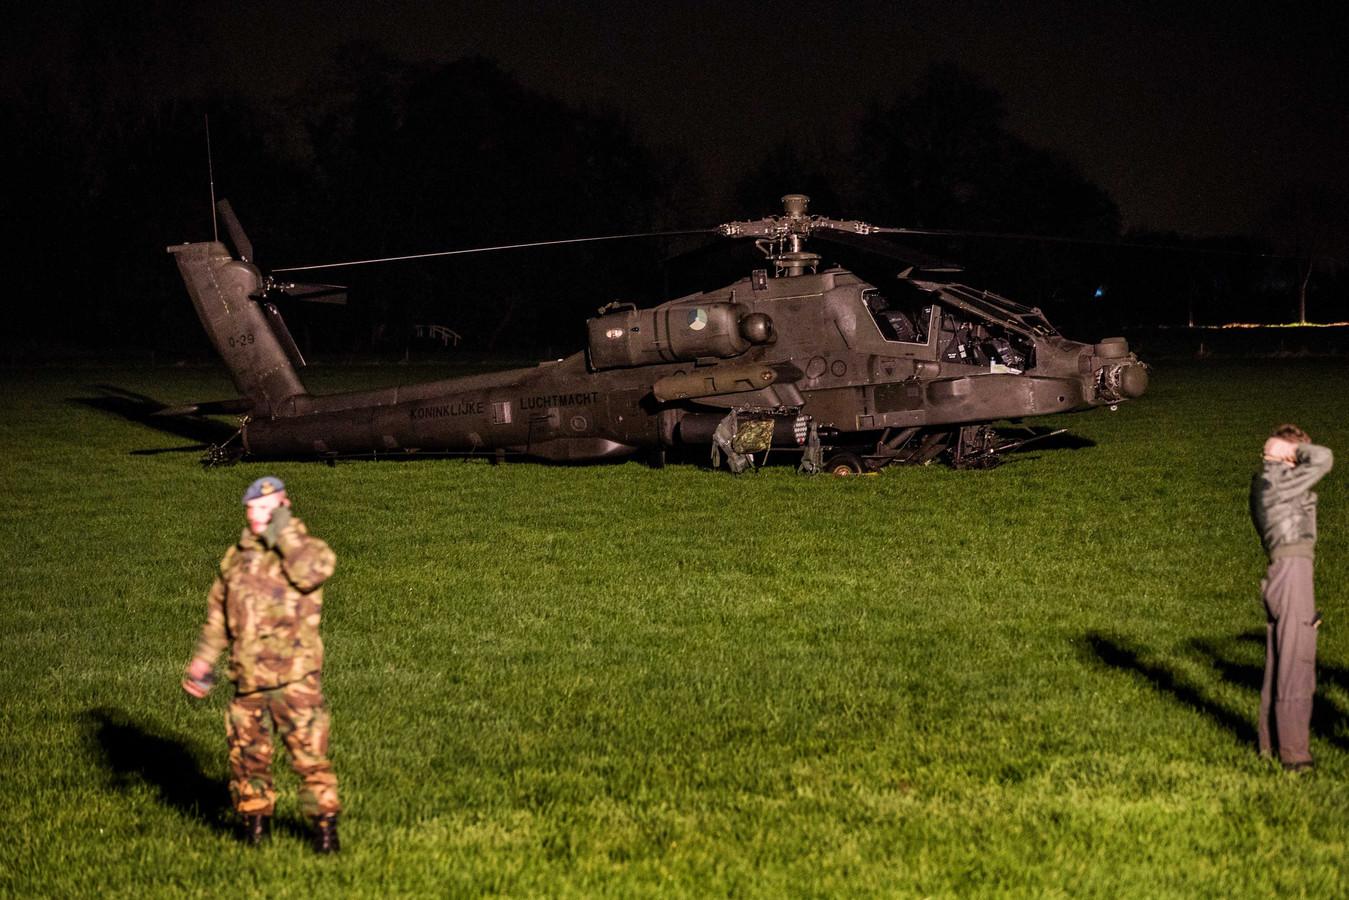 Door een ongeluk met deze Apache helikopter kwamen 24.000 huishoudens in Culemborg zonder stroom te zitten. De inzittenden van de heli bleven ongedeerd.